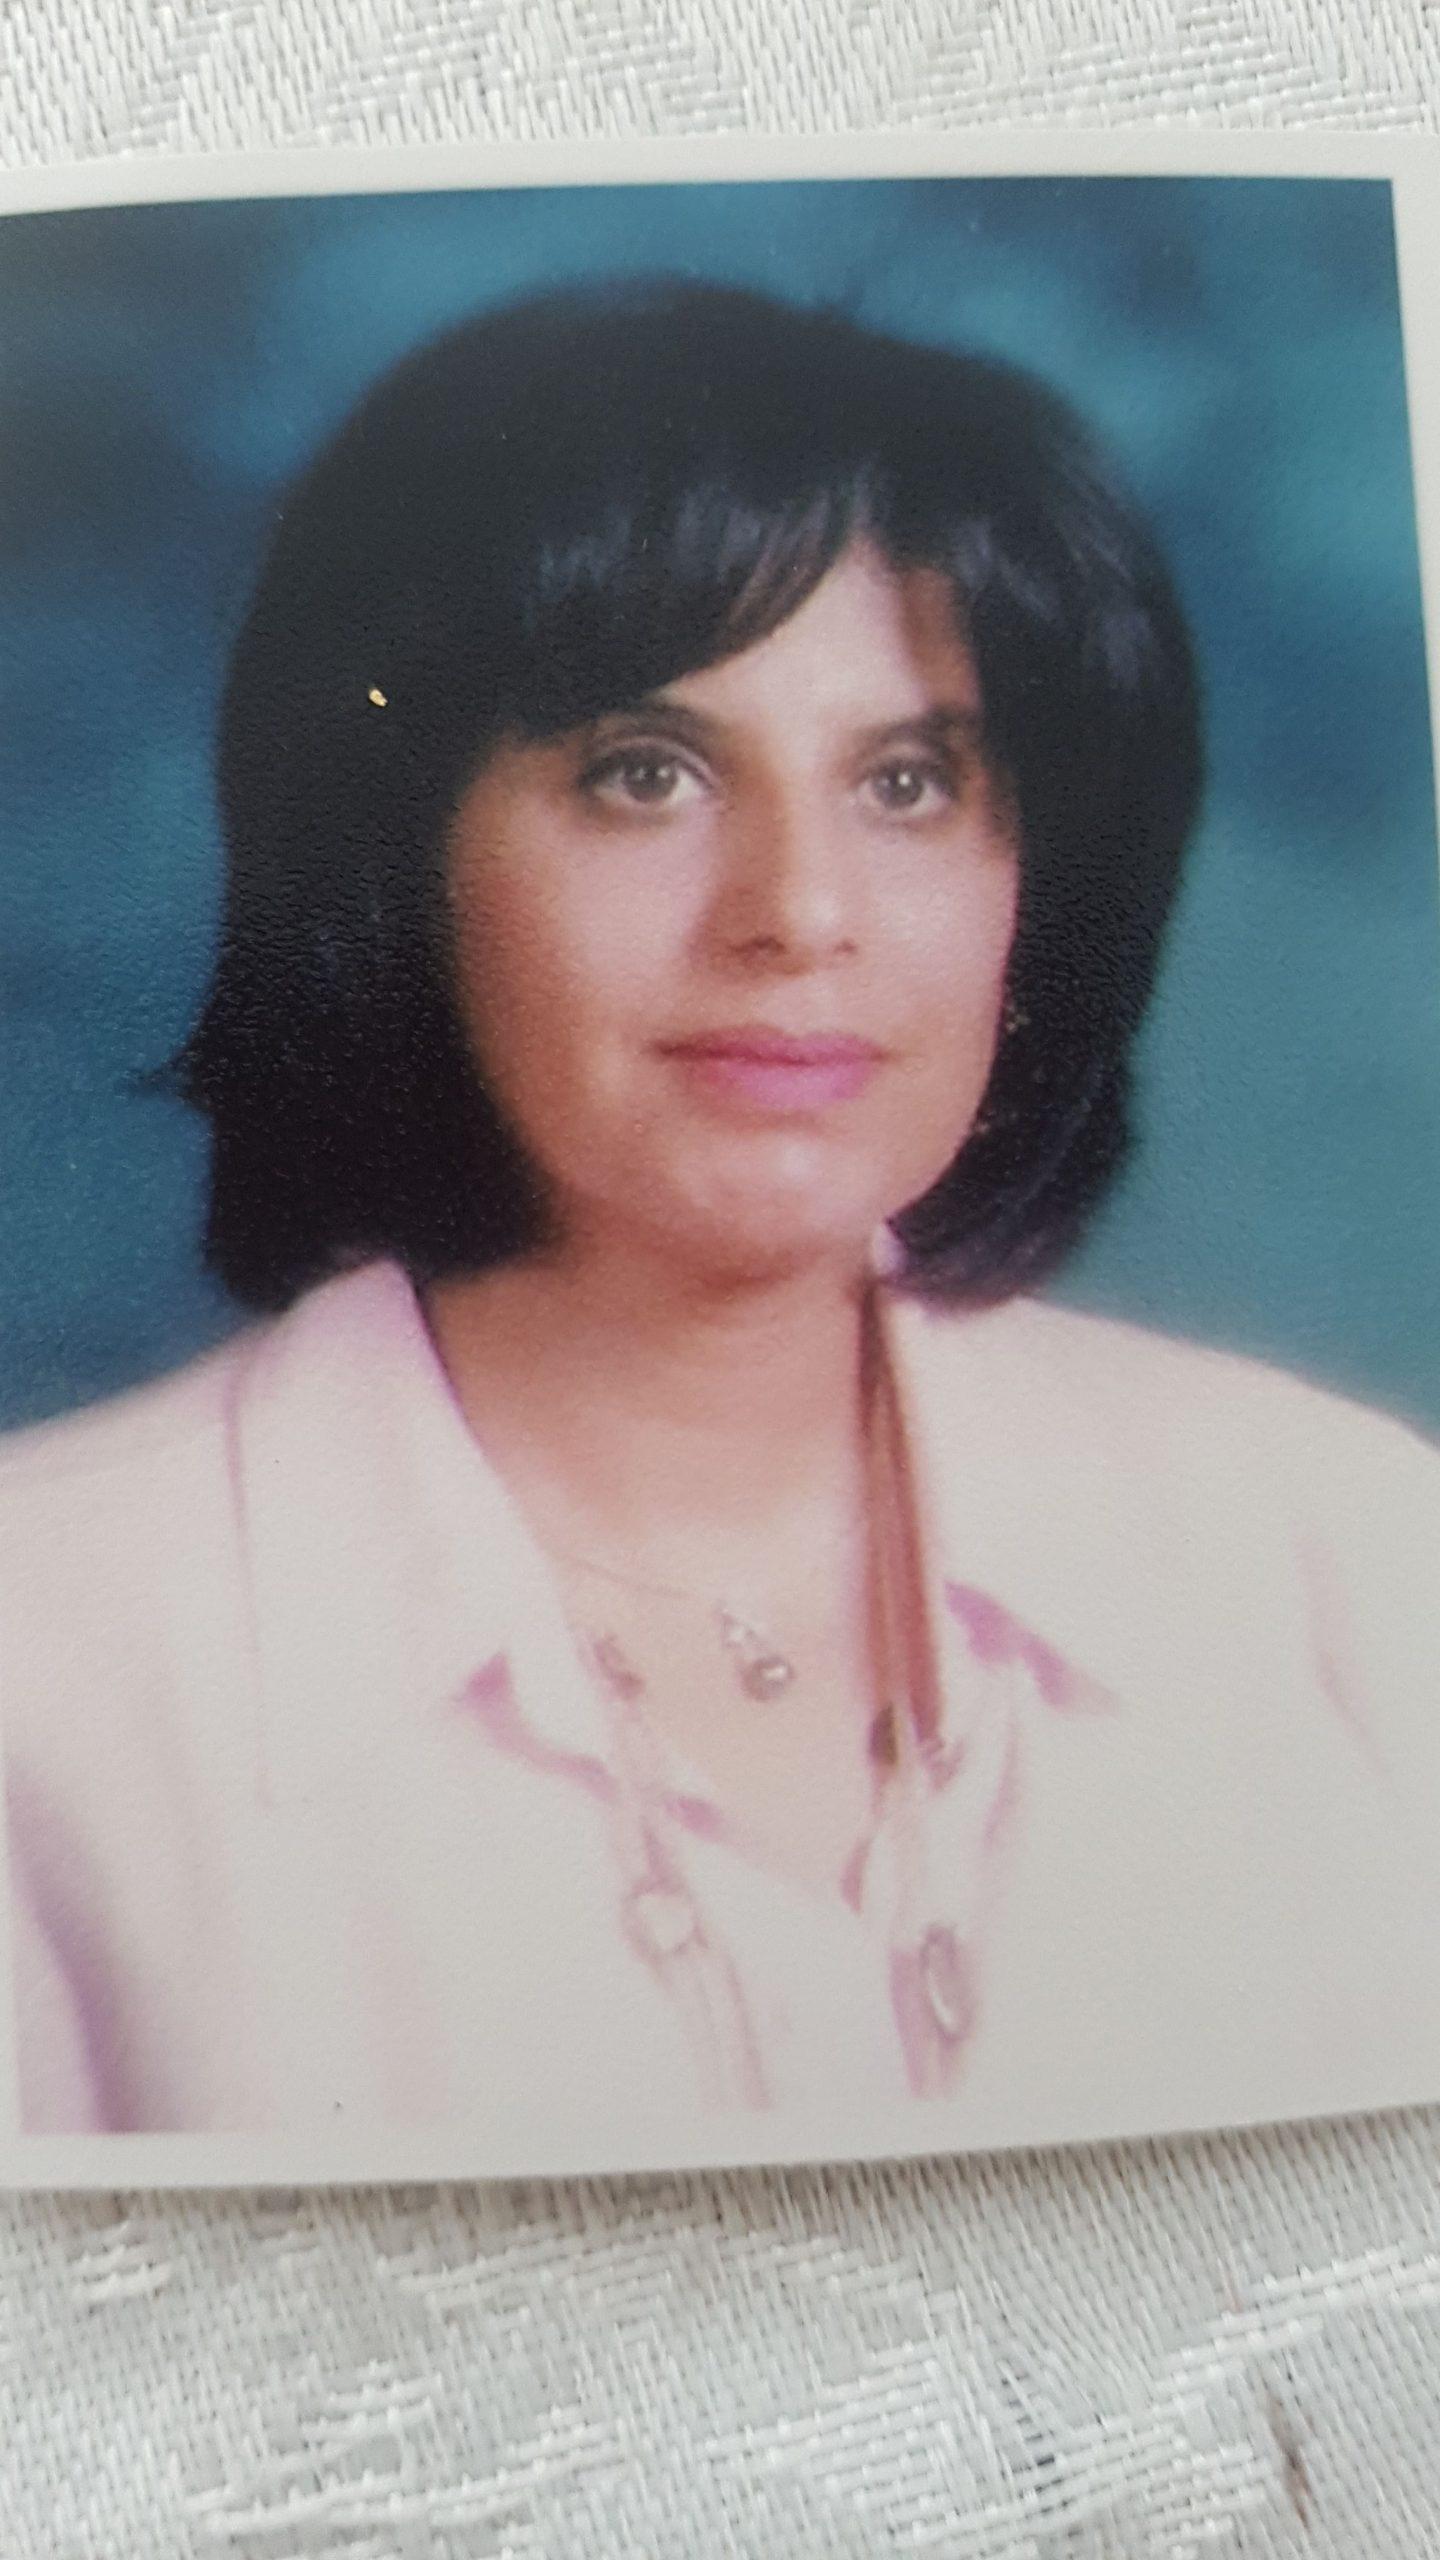 Hana Al Sane